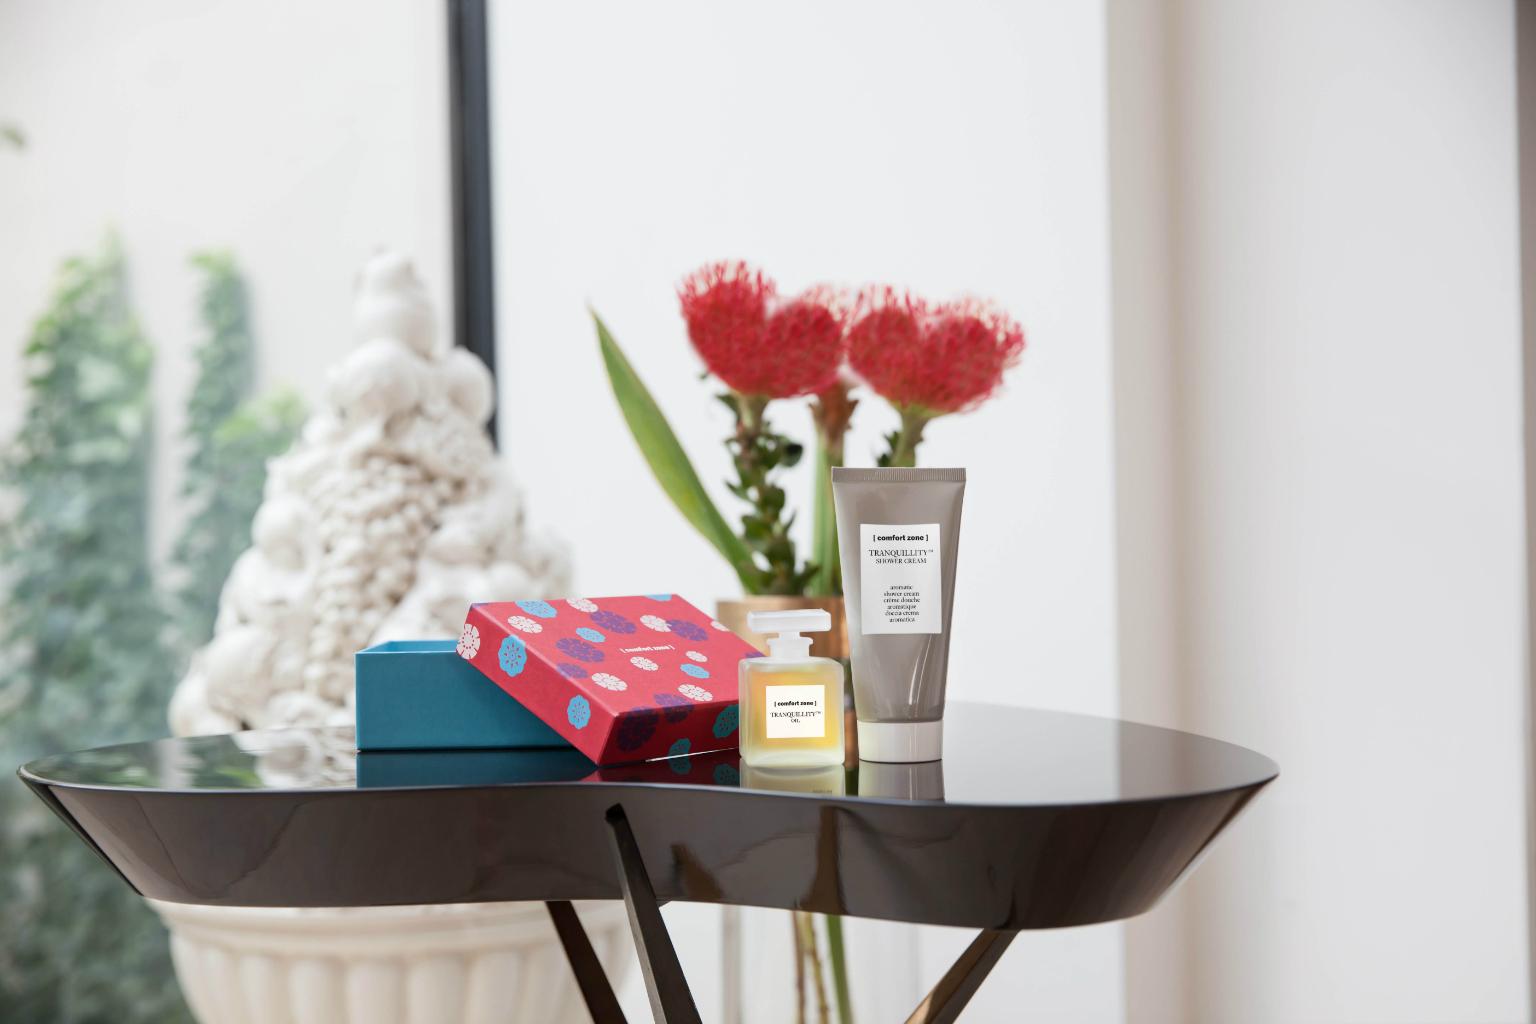 Regali per San Valentino - Comfort Zone Tranquillity Love Box